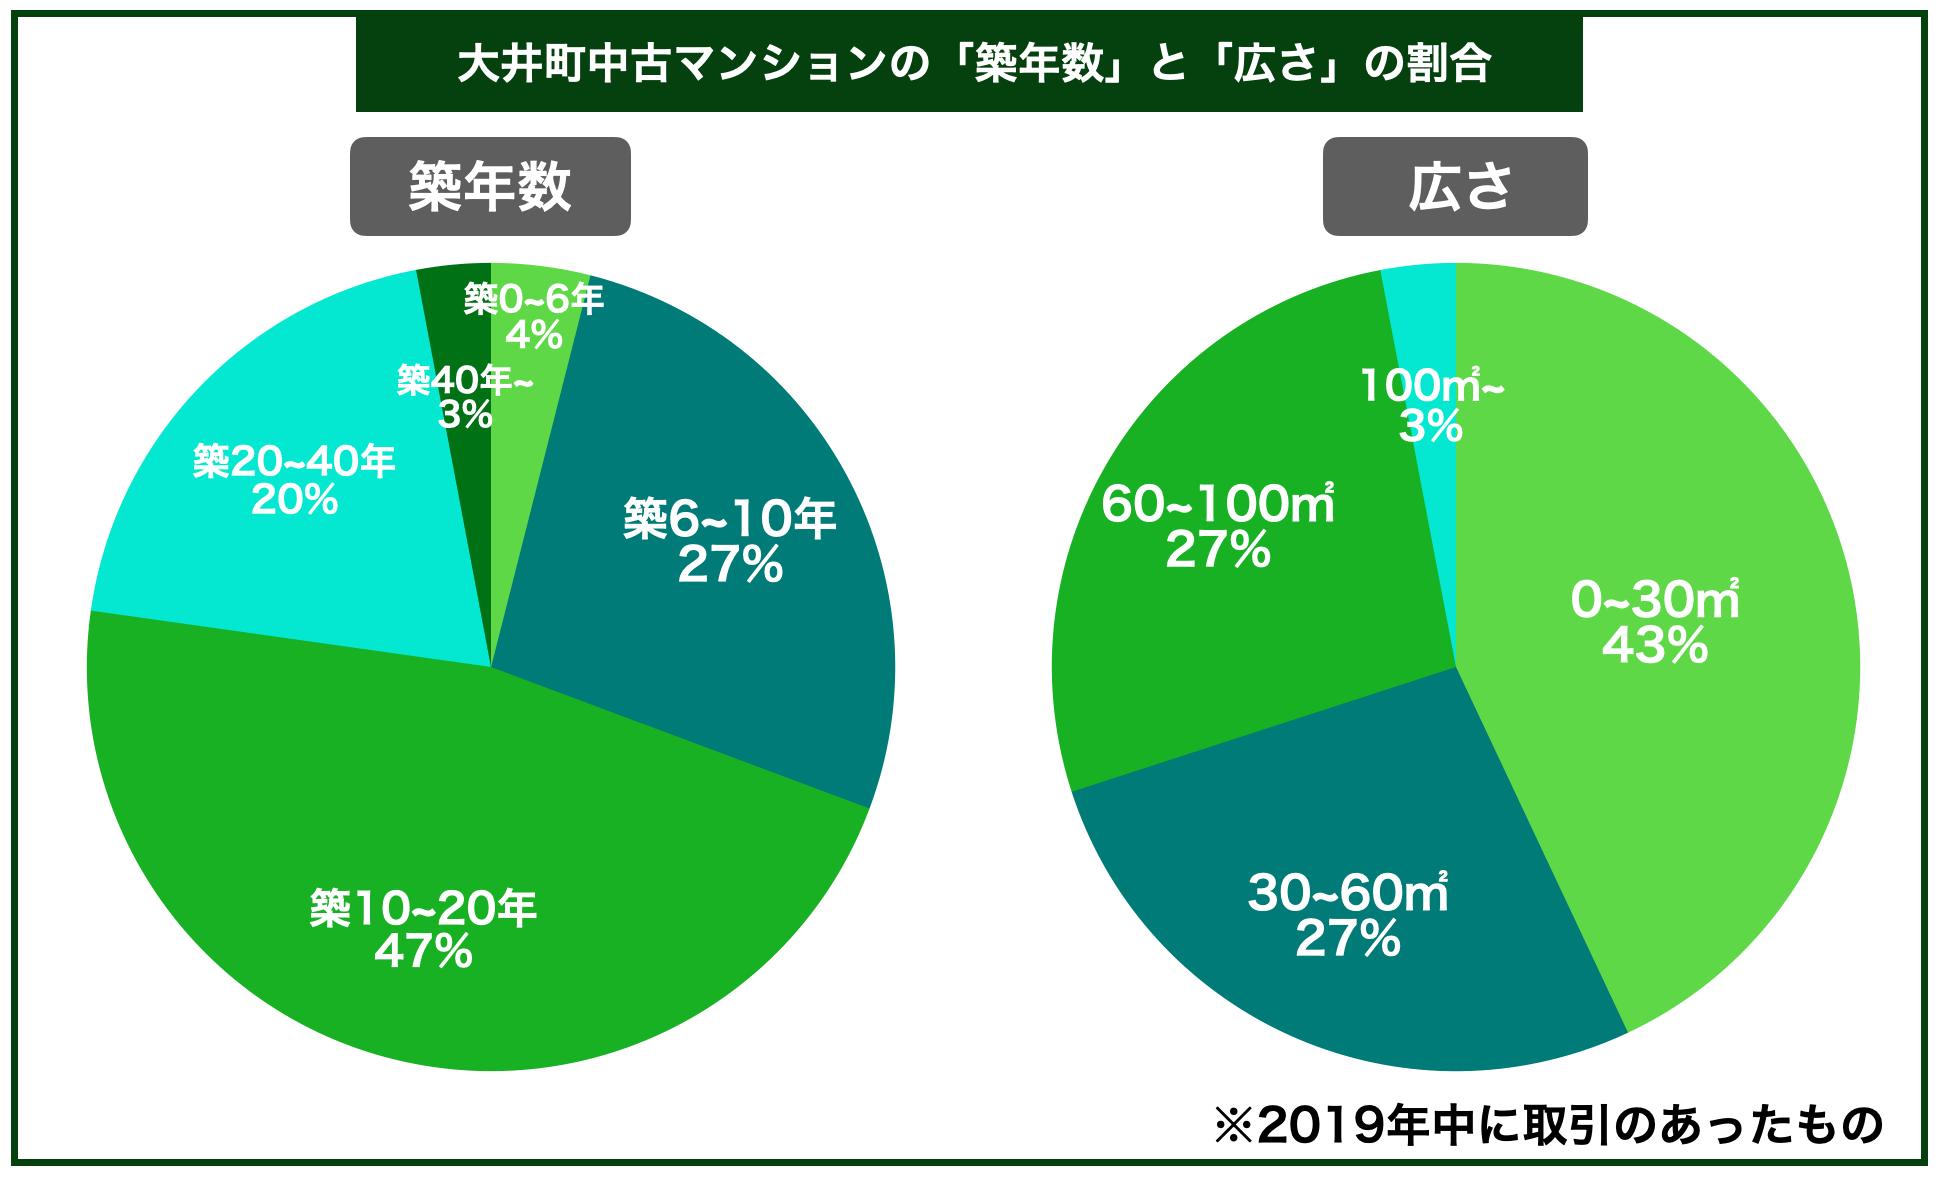 大井町中古マンション築年数広さ割合